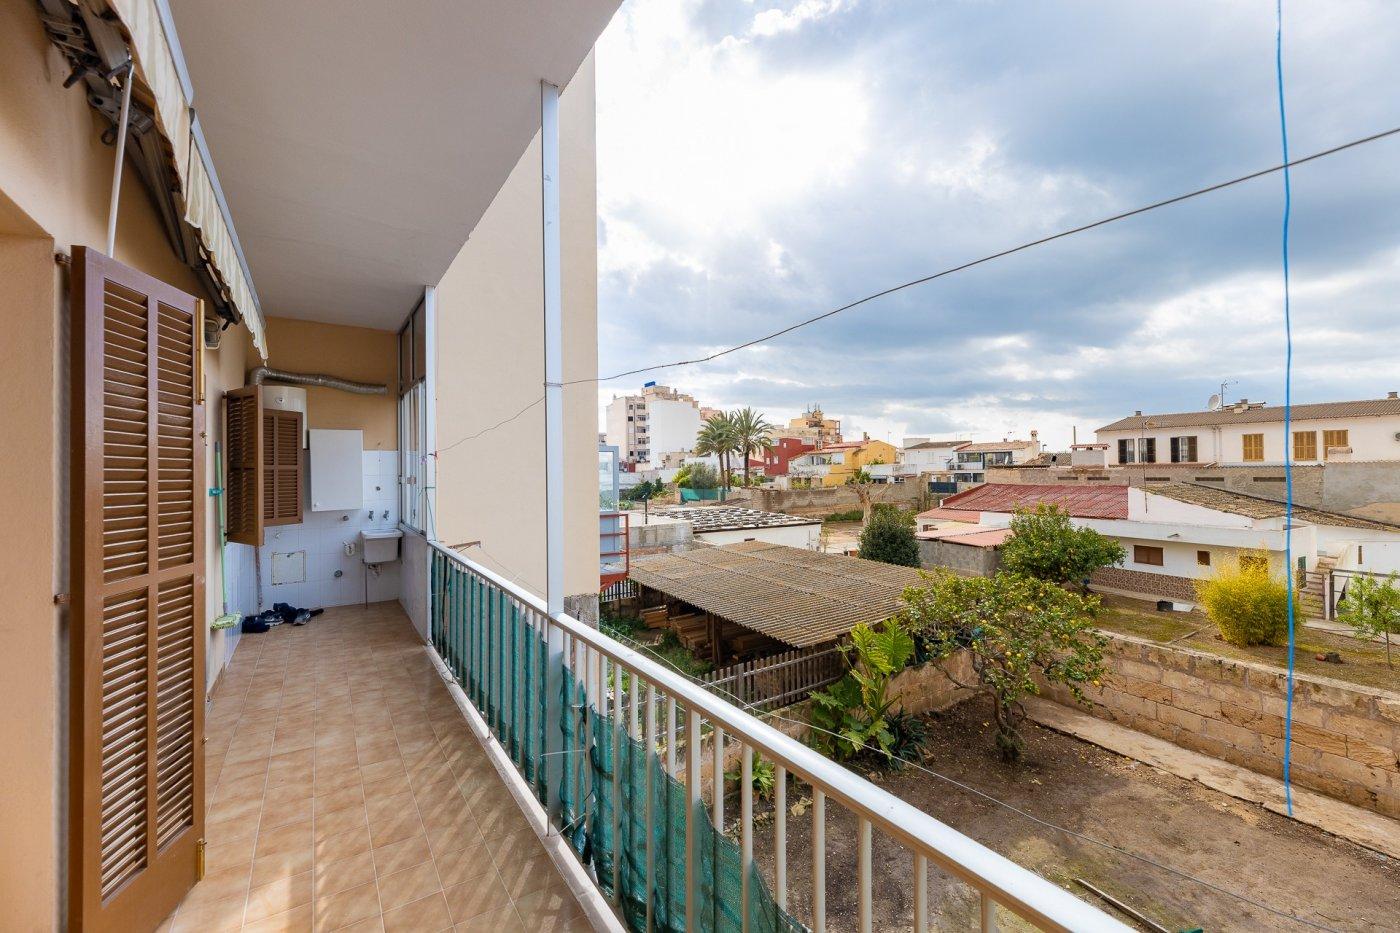 Planta baja y sala adicional de 95 m² con patio de 160 m² - imagenInmueble7